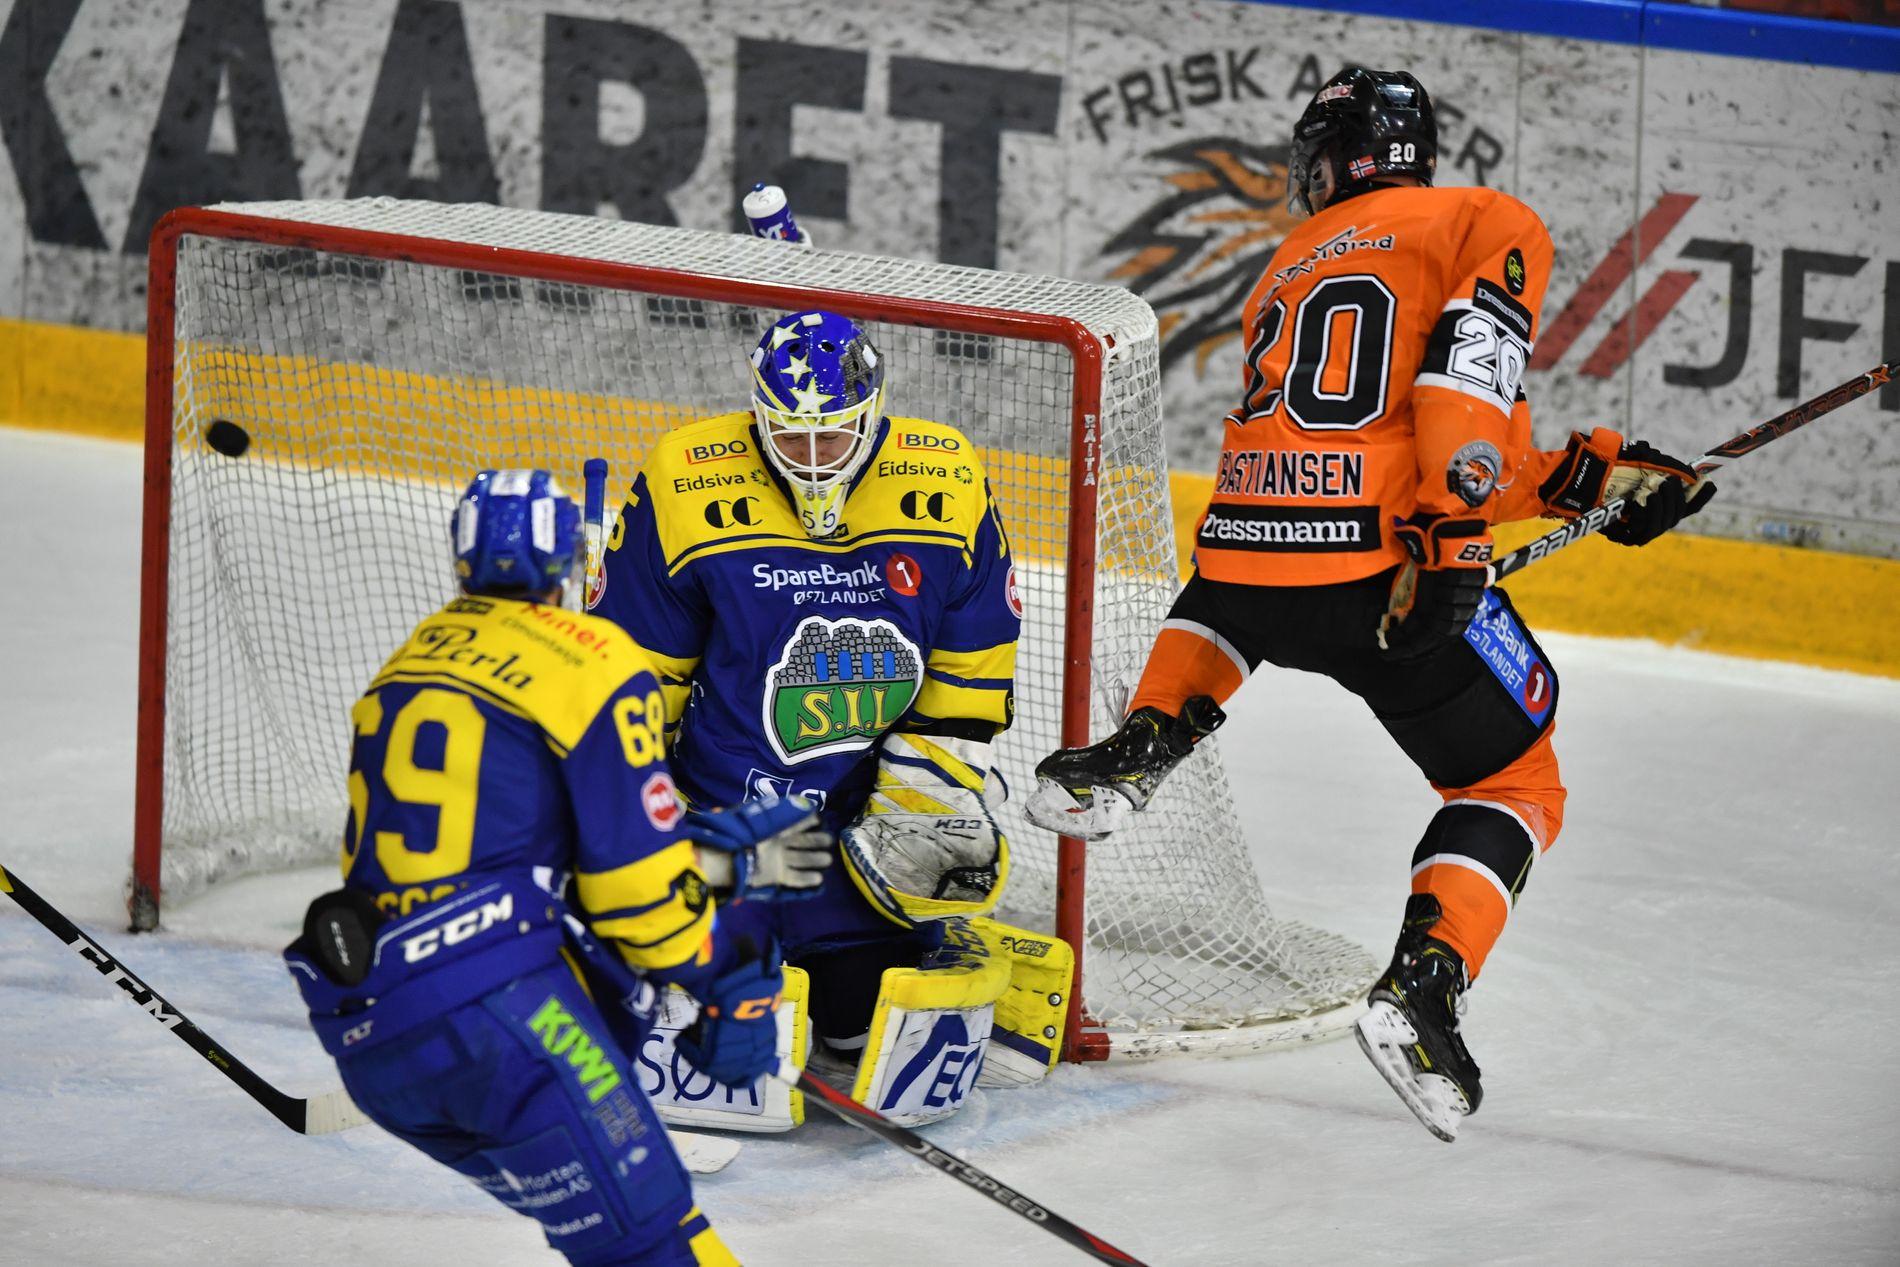 NYTT HOPP: Frisk-kaptein Anders Bastiansen (38) ser at skuddet fra lagkamerat Hampus Gustafsson finner veien forbi Storhamar-keeper Oskar Östlund til 3–1 ledelse for hjemmelaget i slutten av andre periode.